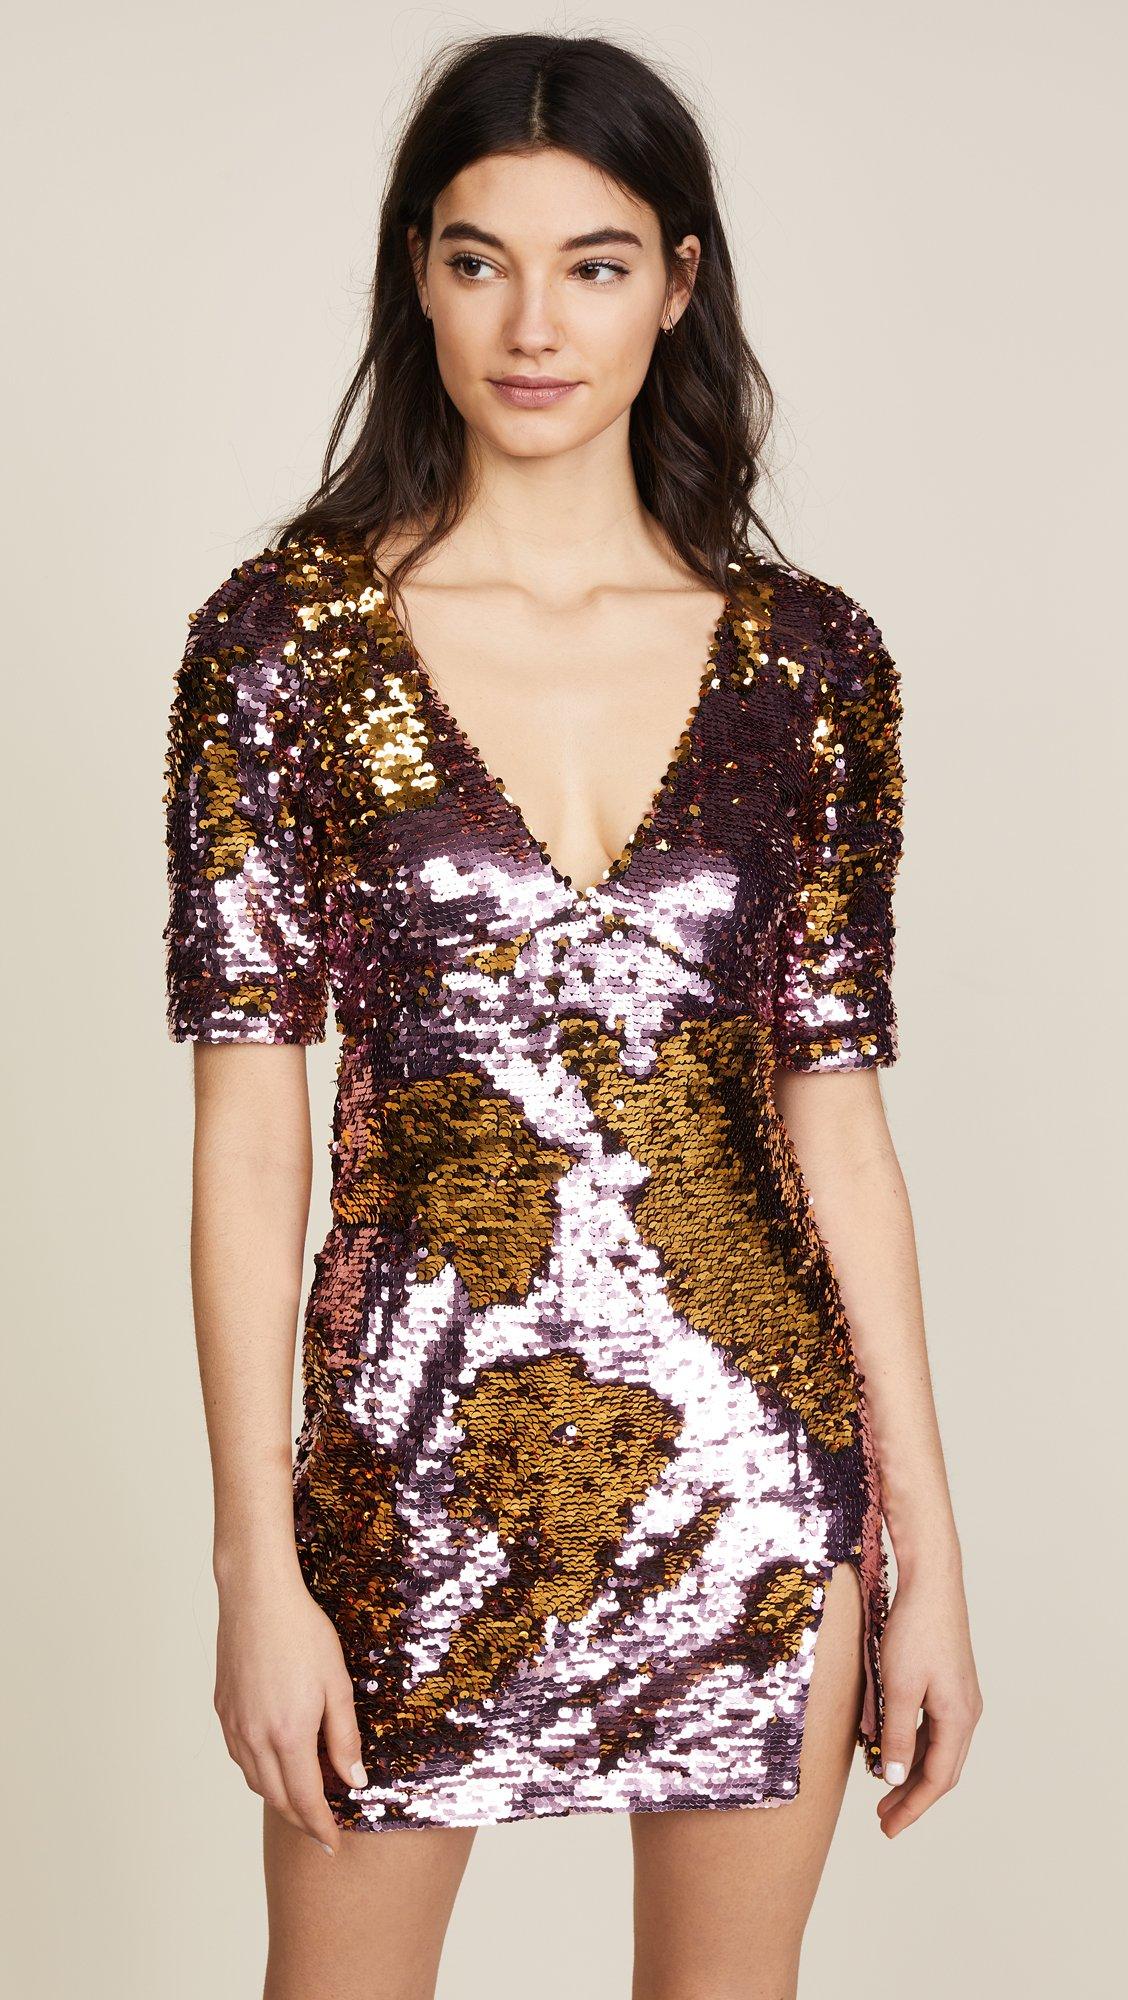 For Love & Lemons Women's Sparklers Party Dress, Dusty Rose, Medium by For Love & Lemons (Image #2)